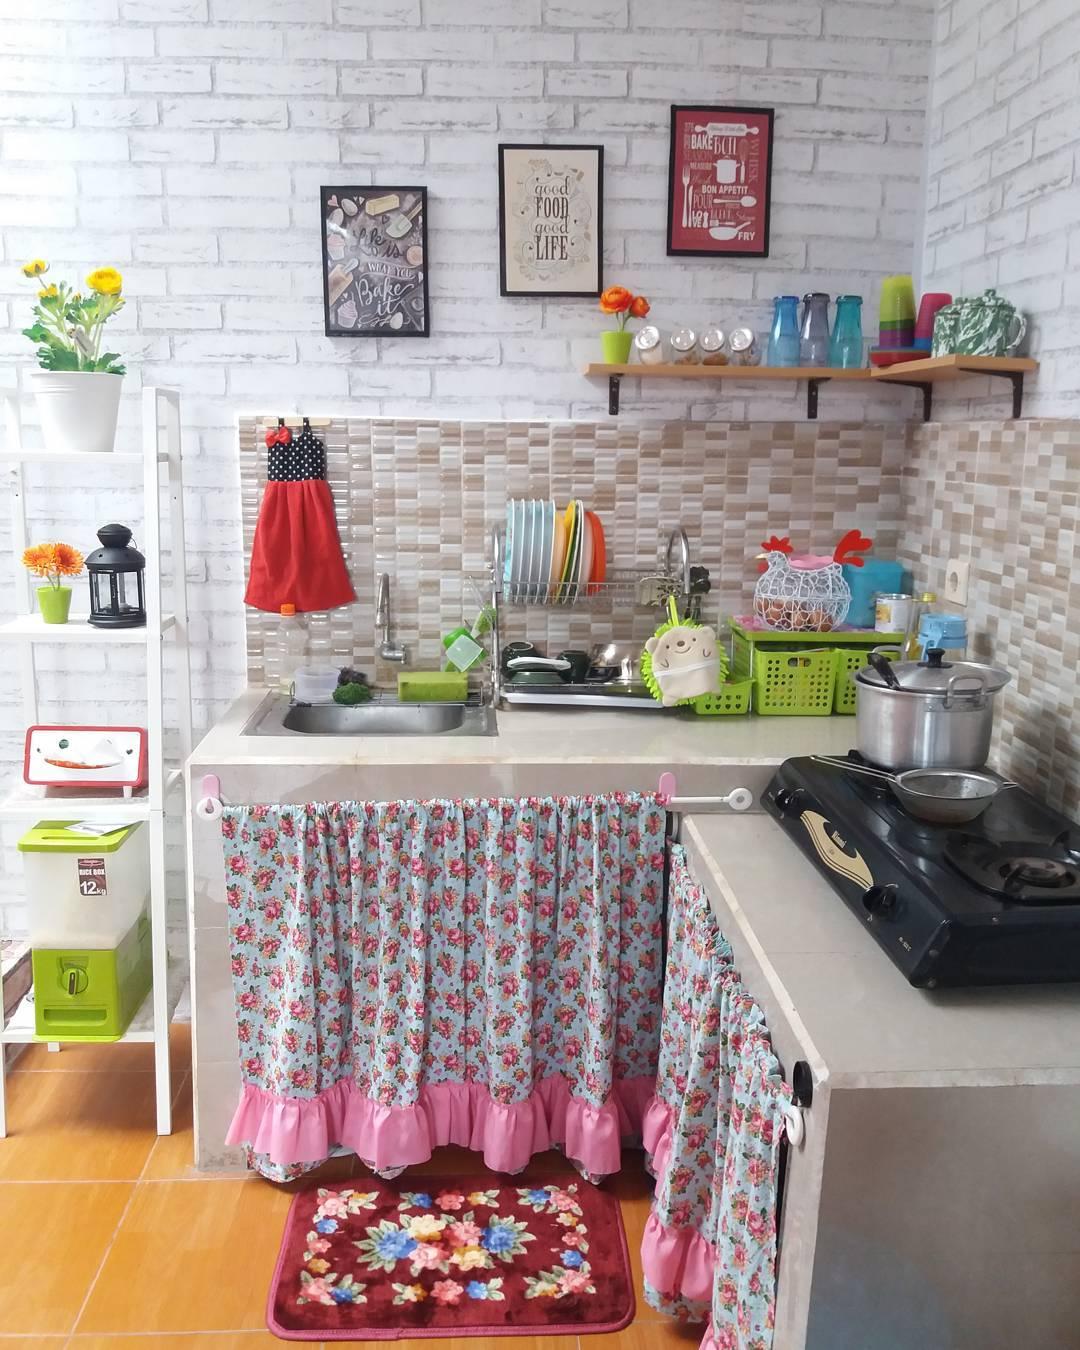 6 Tips Praktis Membersihkan Dapur Rumah Minimalis Agar Enak Dipandang Dan Sehat Untuk Keluarga